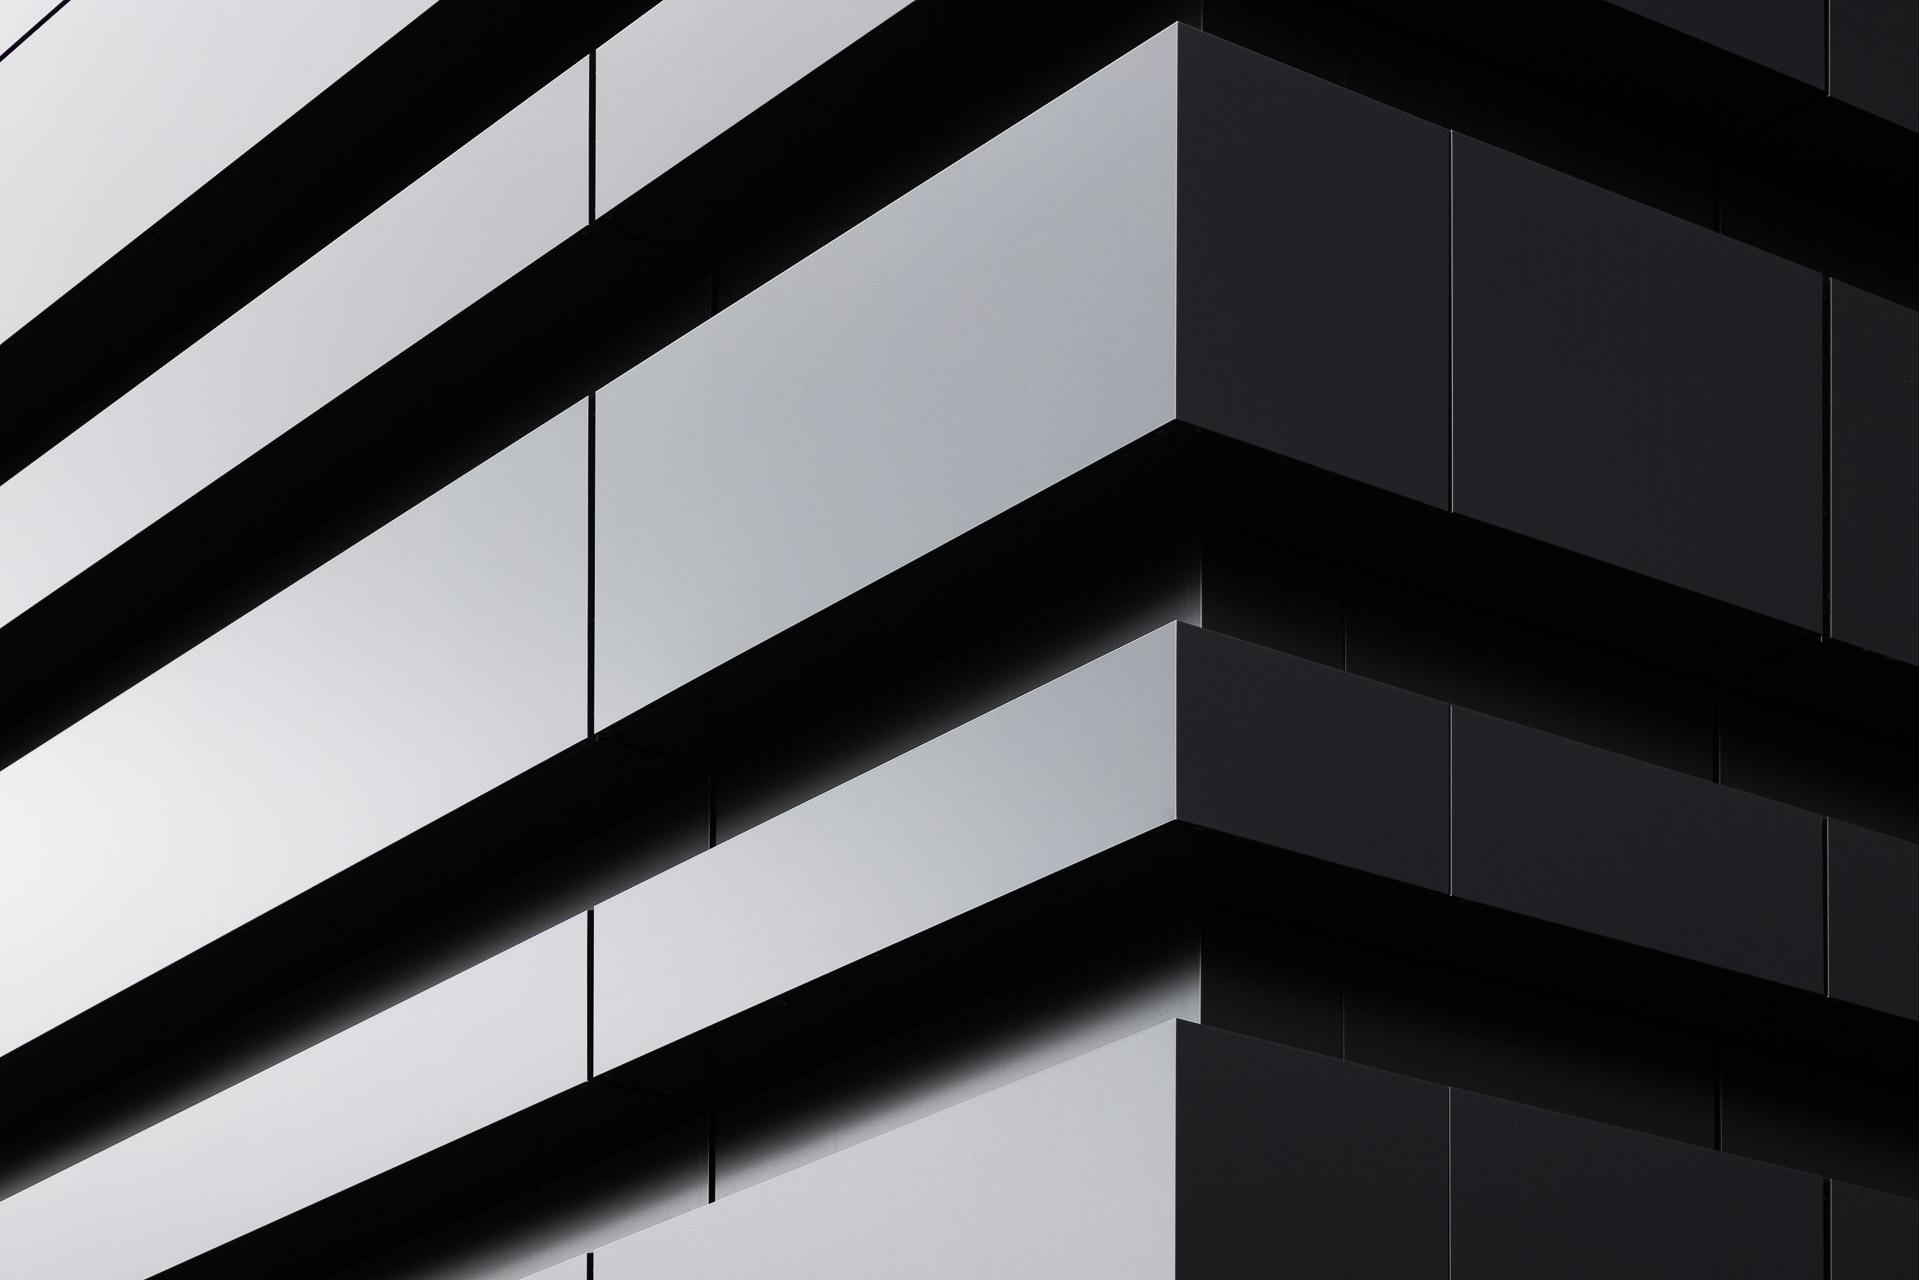 SP2020-Rotterdam-Ahoy-Convention-Centre-Exterieur-7-Architectuur-fotografie